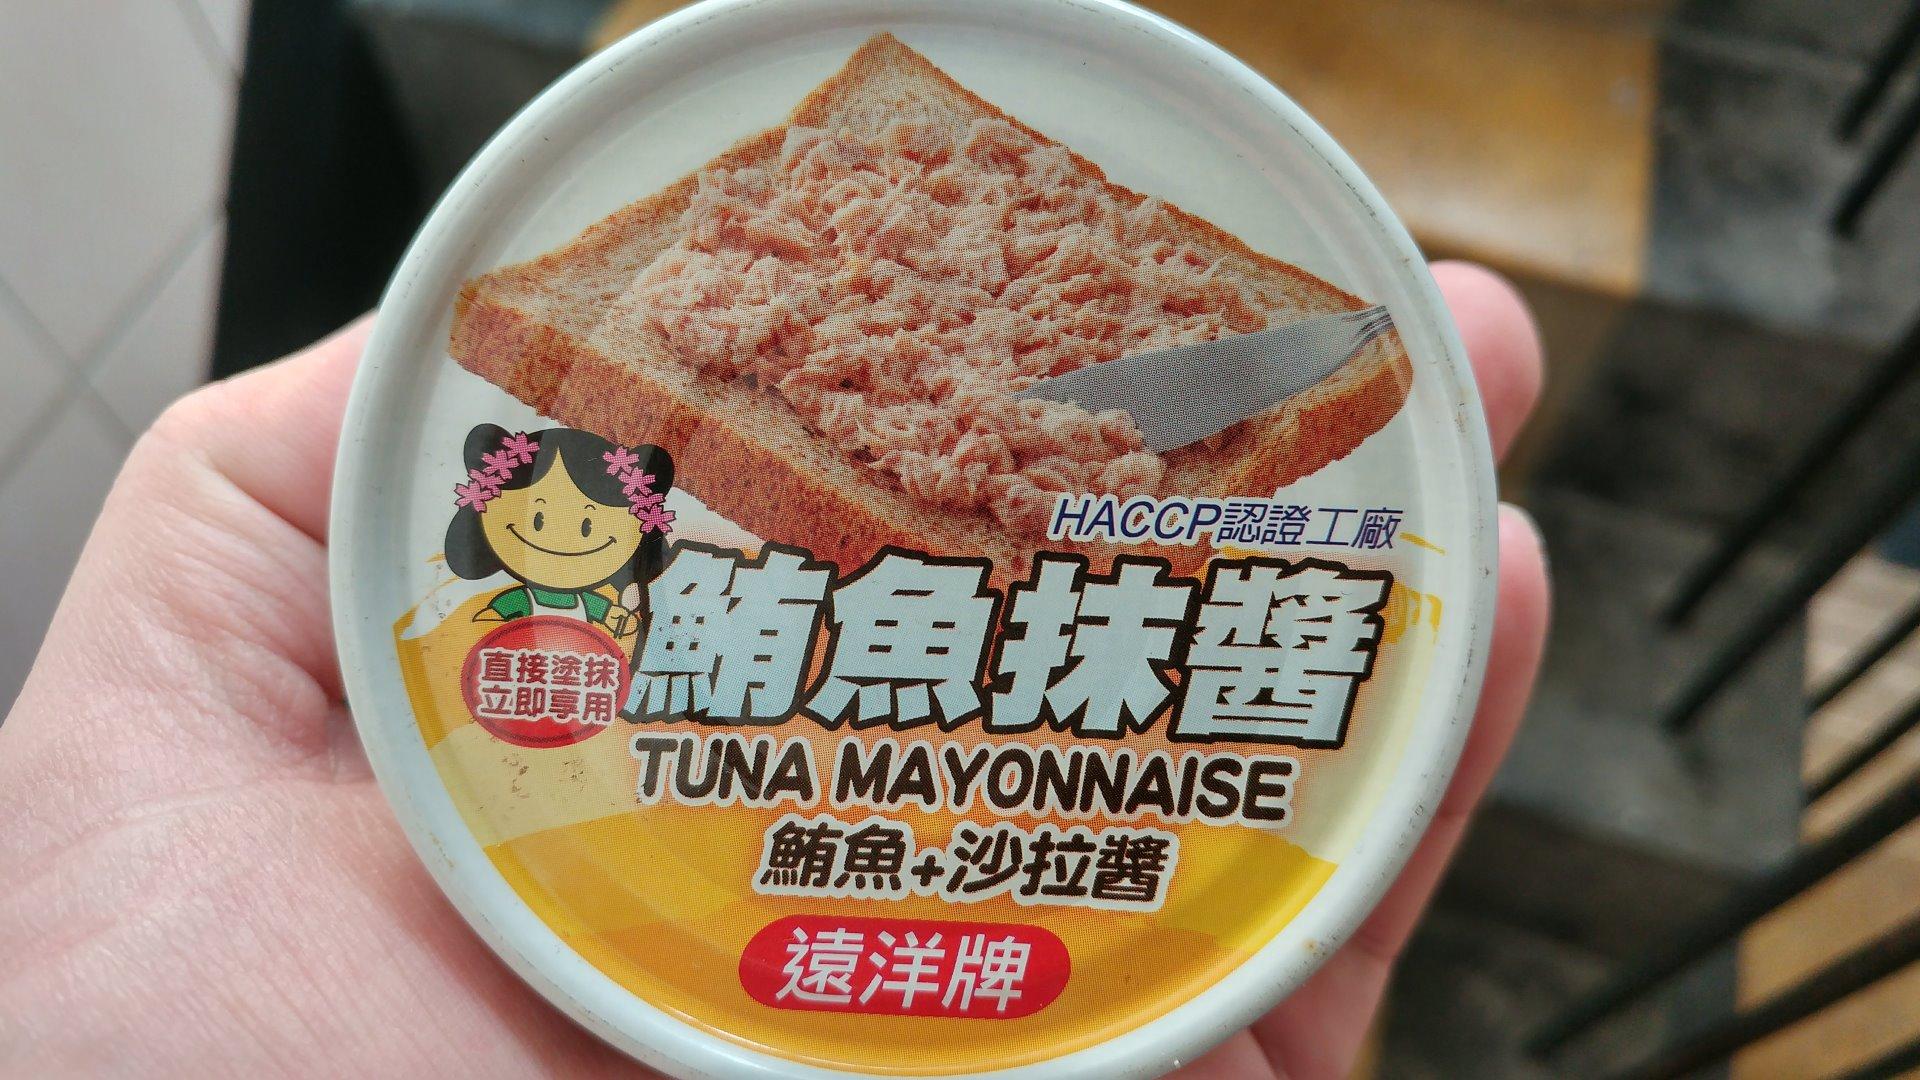 鮪魚加沙拉醬(白醋)的組合: 遠洋牌 鮪魚抹醬 – im5481